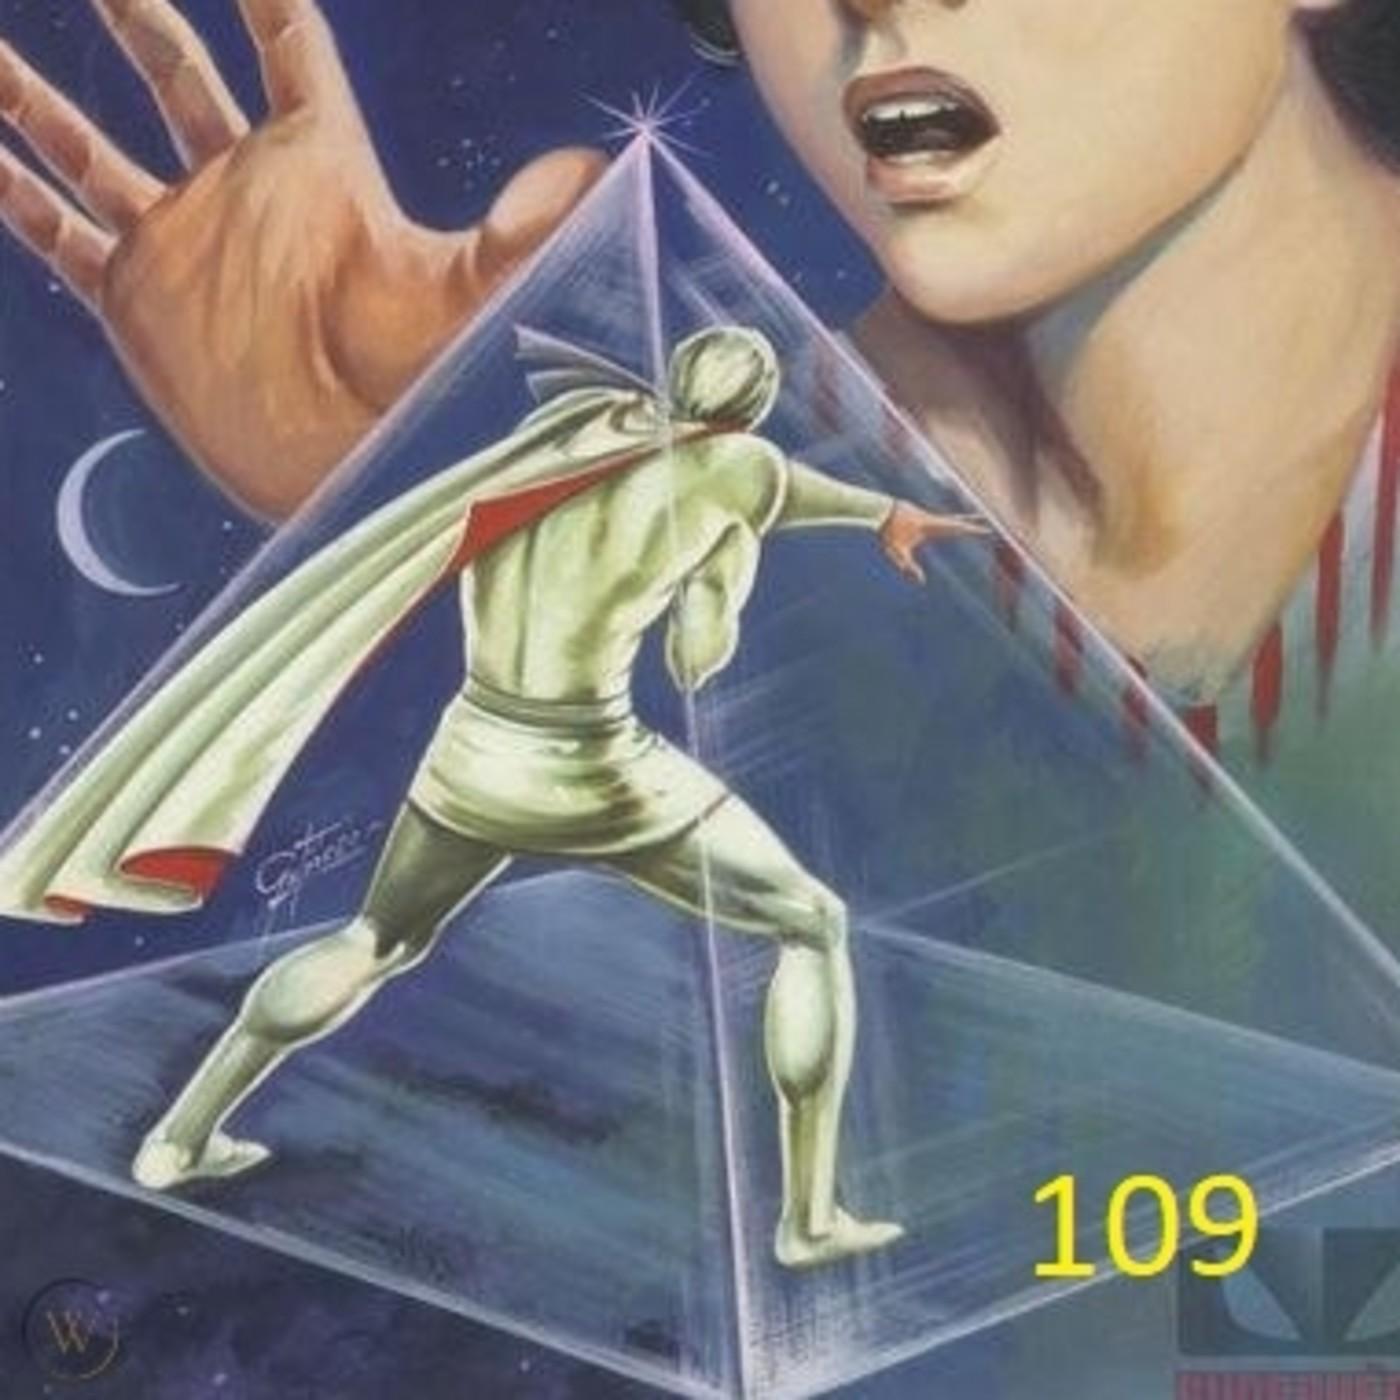 30x109 Muerte en la cuarta dimensión Kaliman